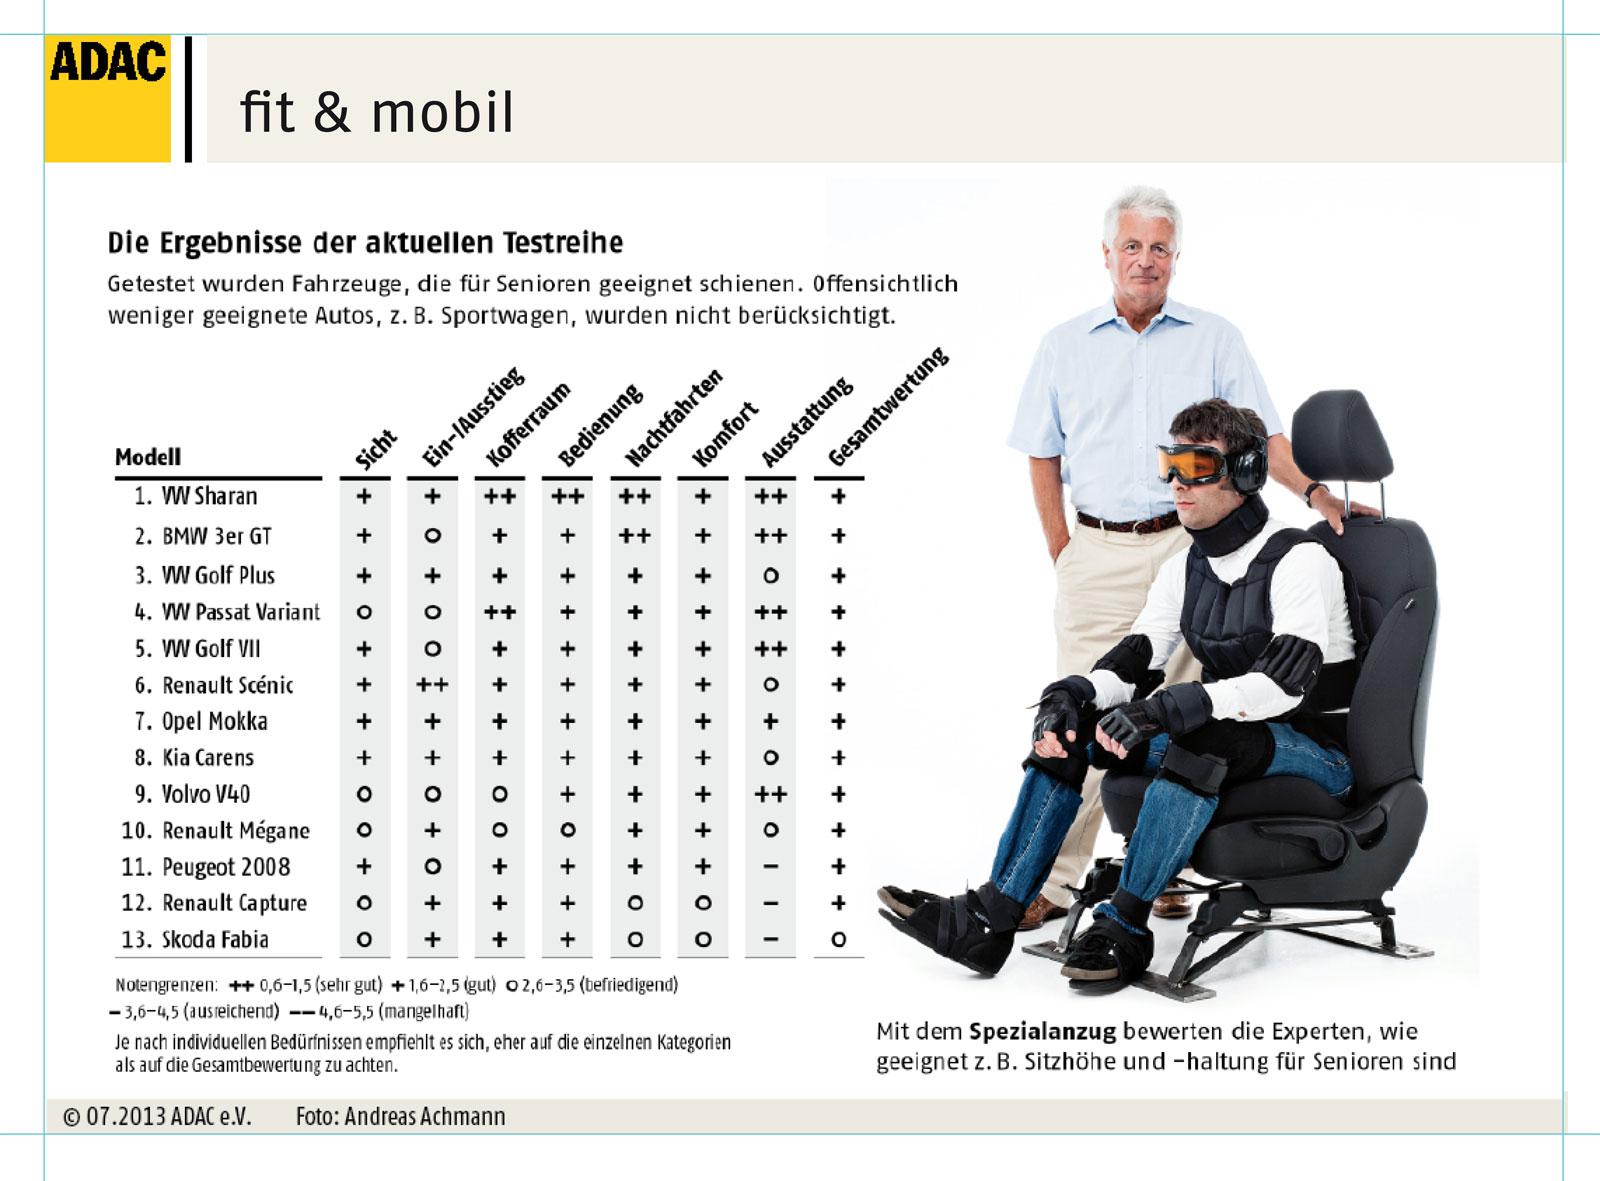 adac test der adac hat 12 autos f r senioren getestet auto. Black Bedroom Furniture Sets. Home Design Ideas